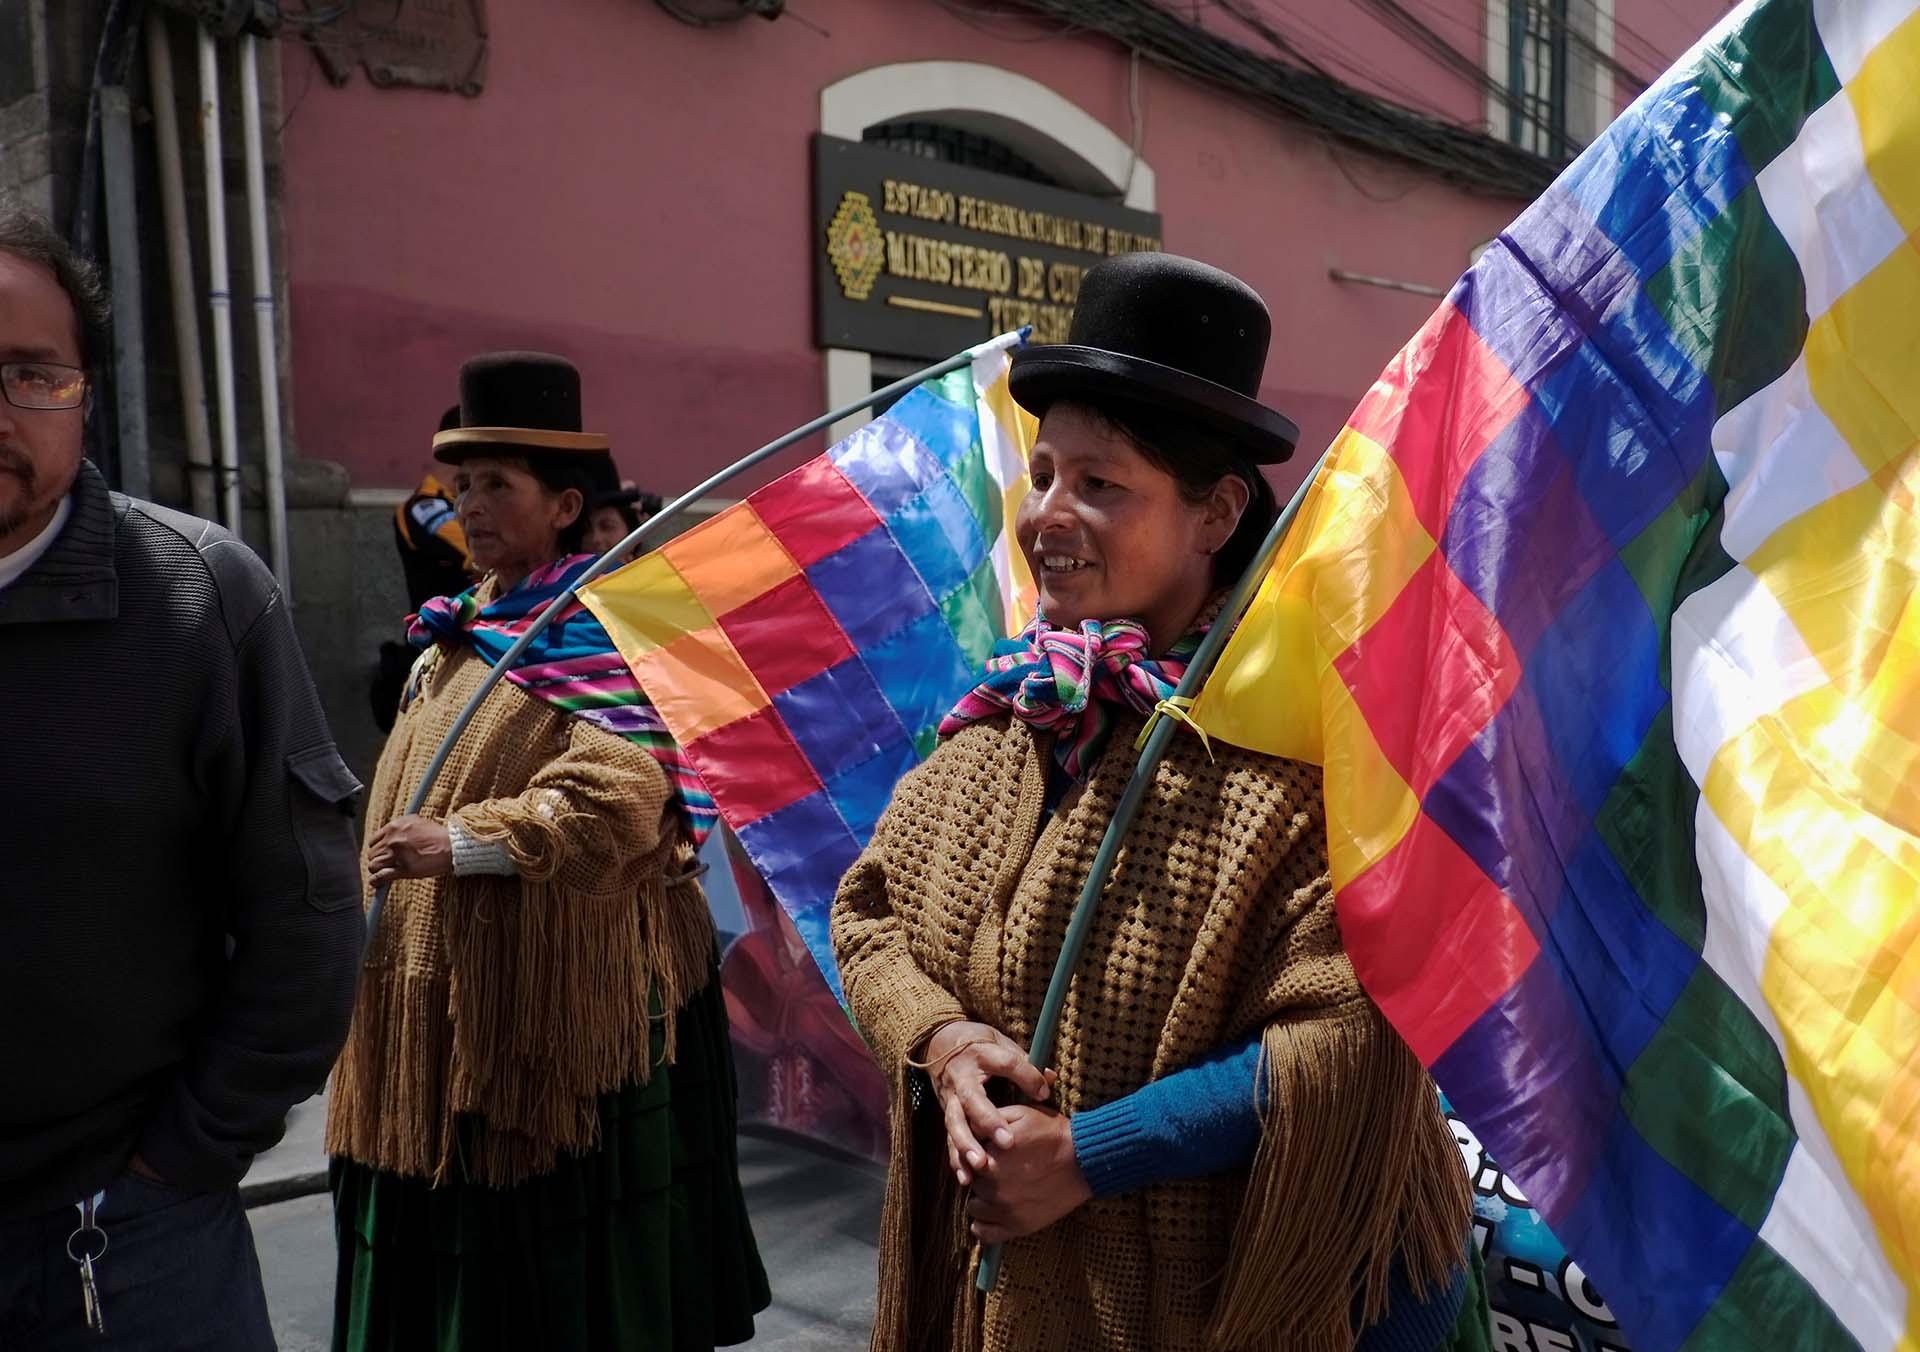 Una mujer aymara en la movilización por el Día de la Mujer en La Paz, Bolivia (REUTERS/David Mercado)